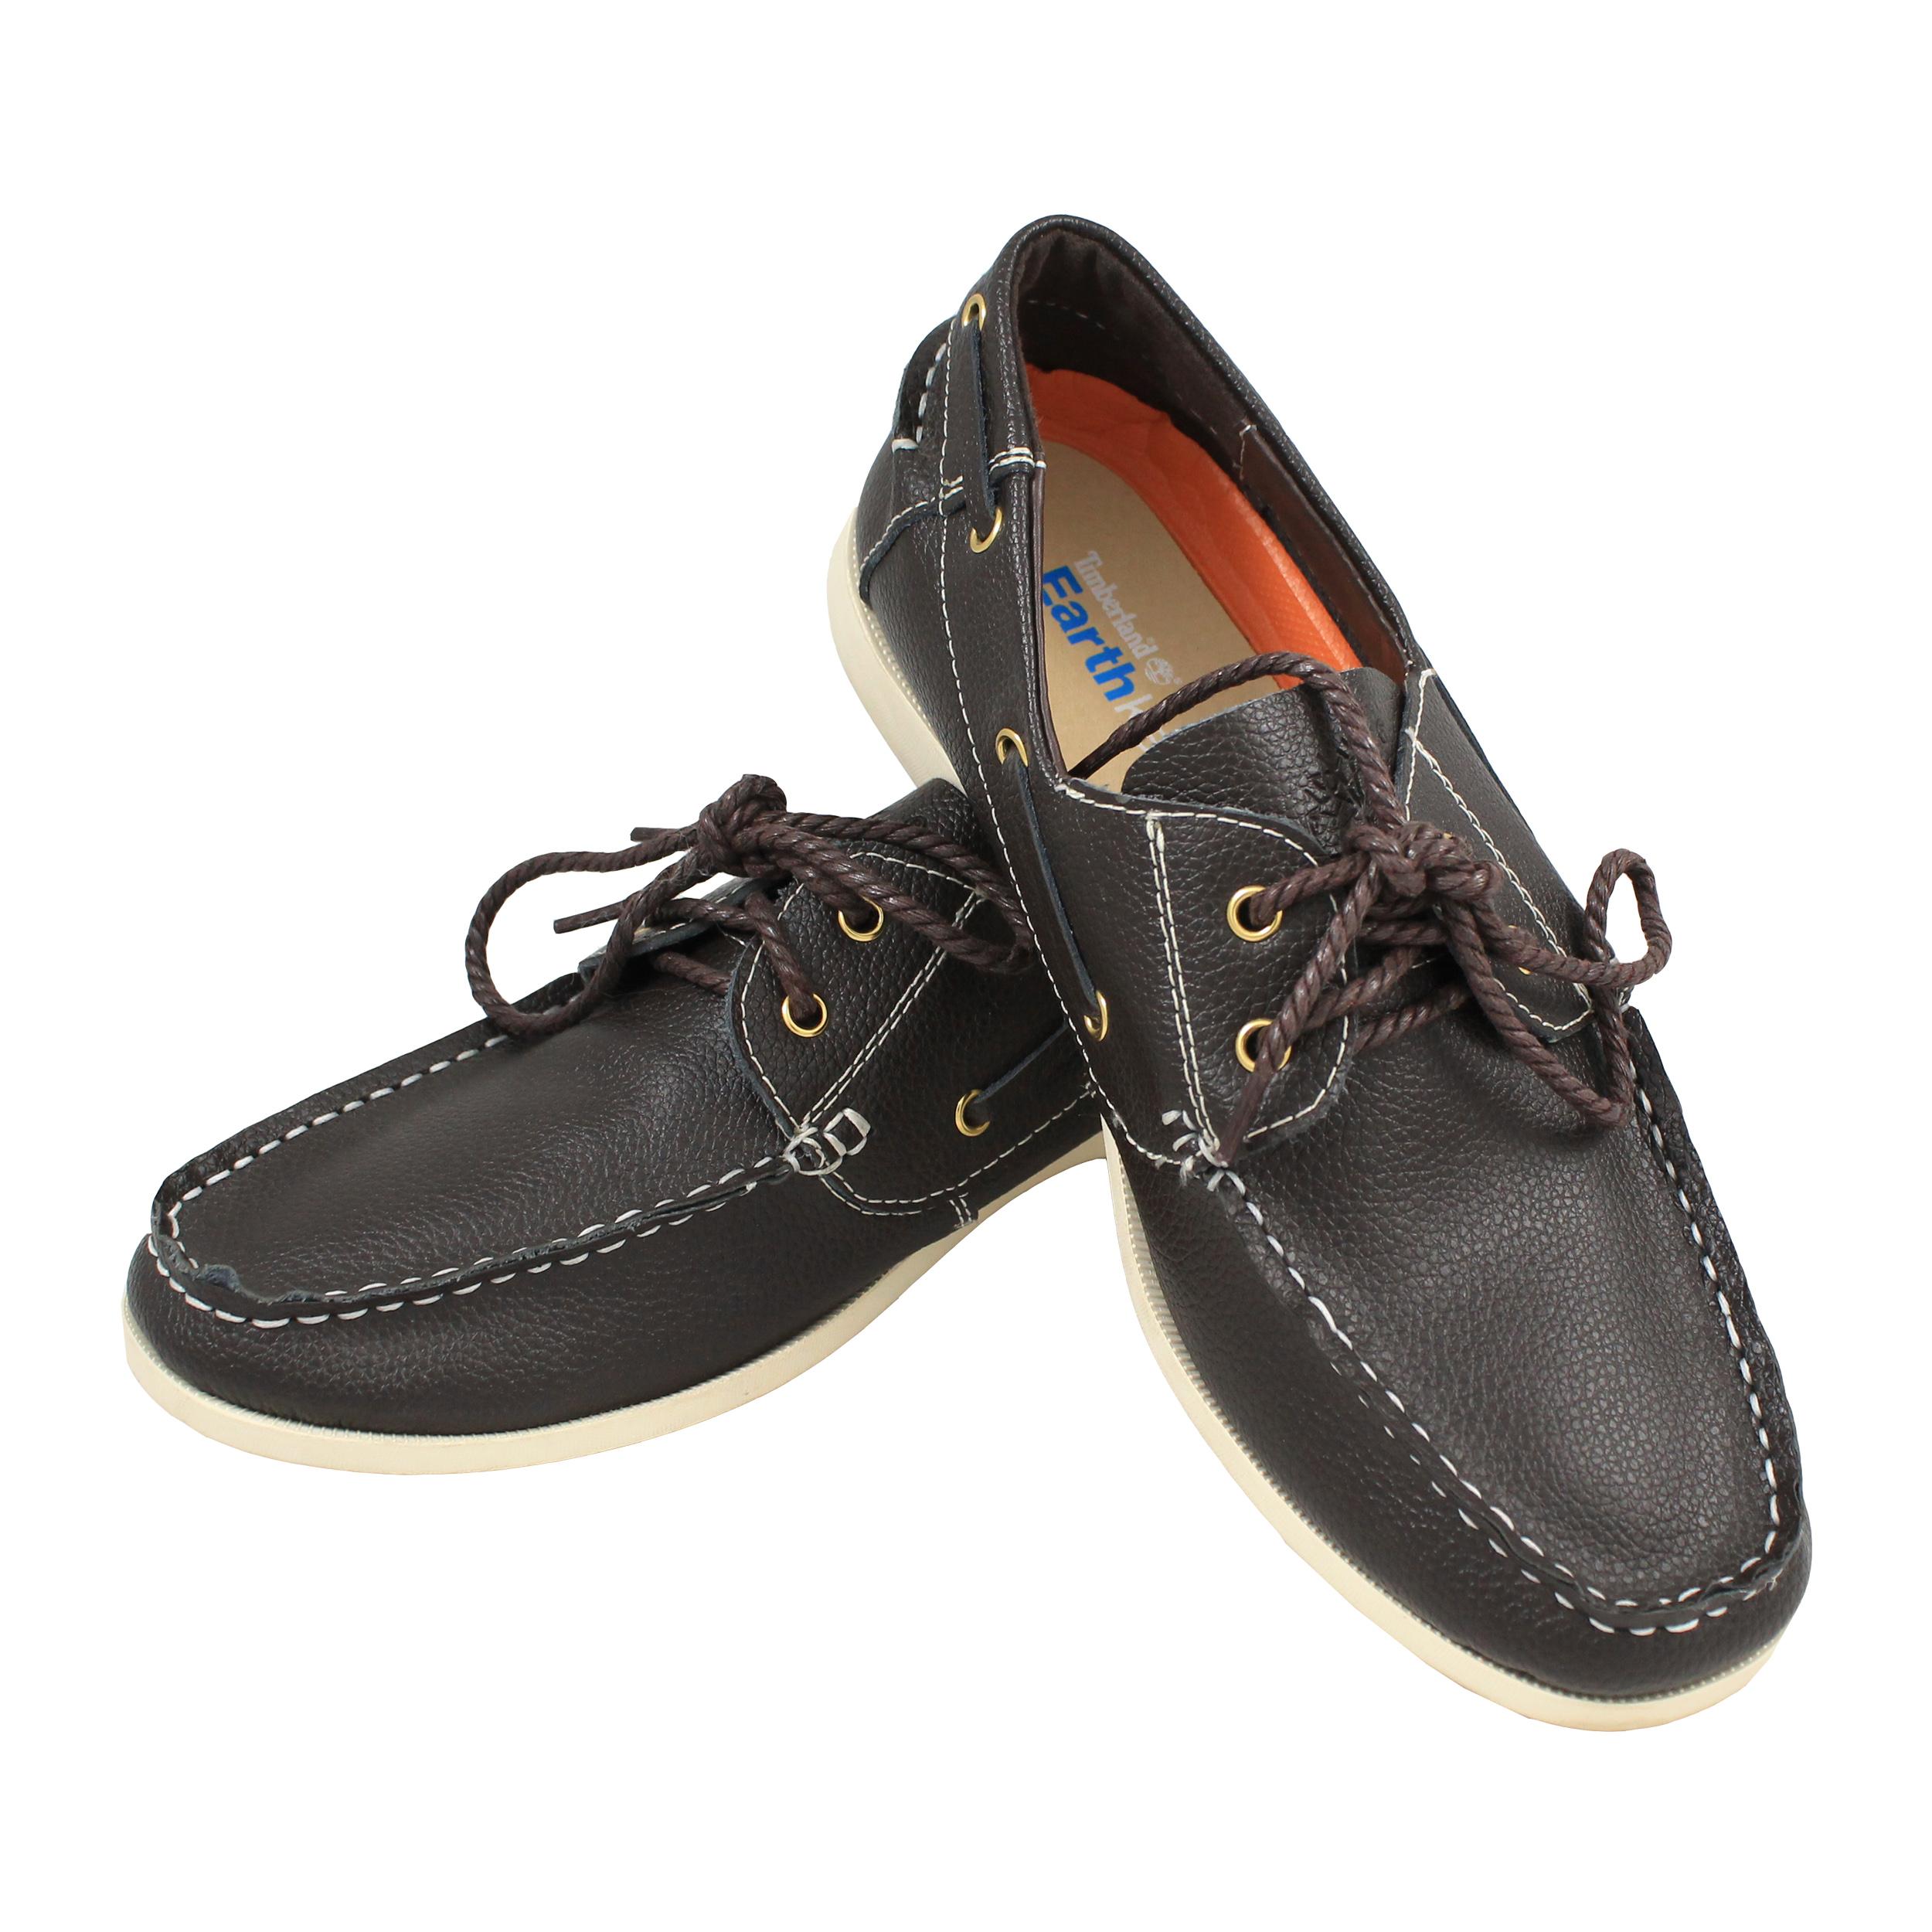 کفش روزمره مردانه تیمبرلند مدل Earthkeepers